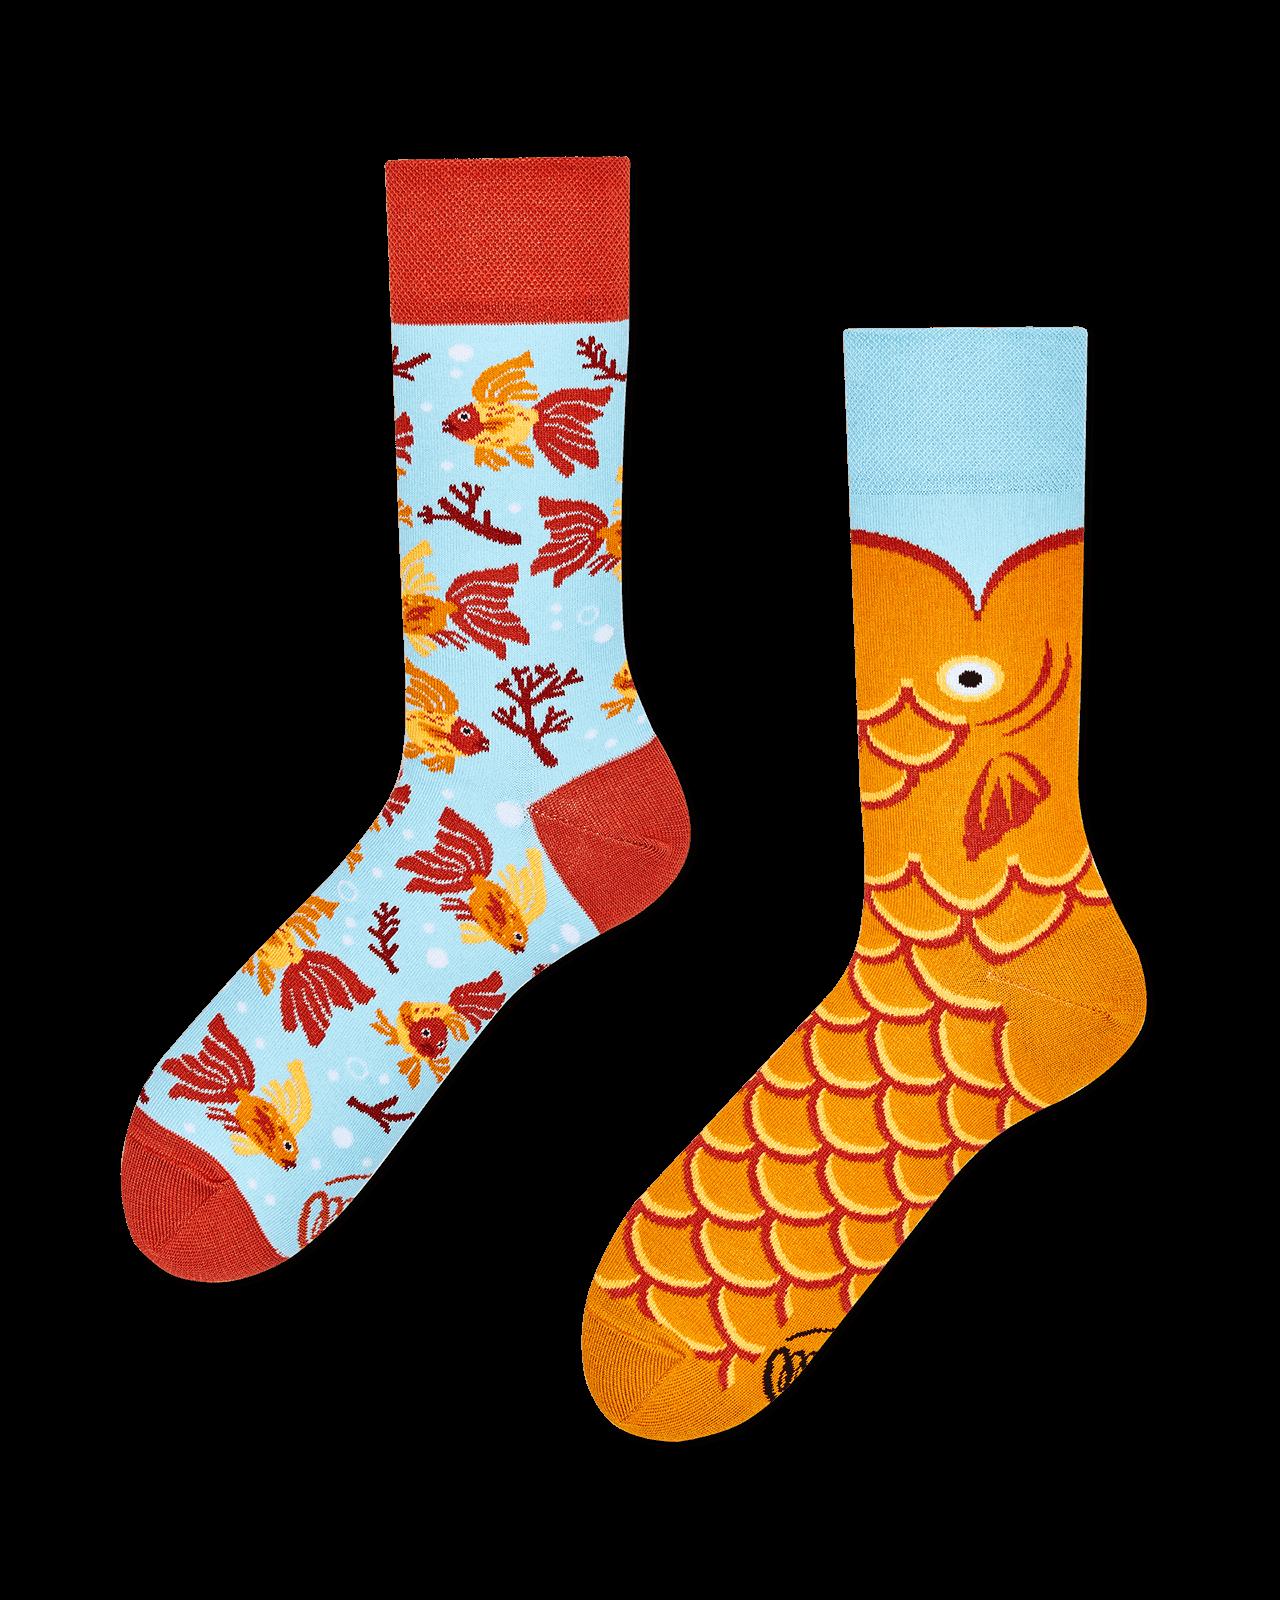 THE WISH FISH - Skarpetki ze złotą rybką